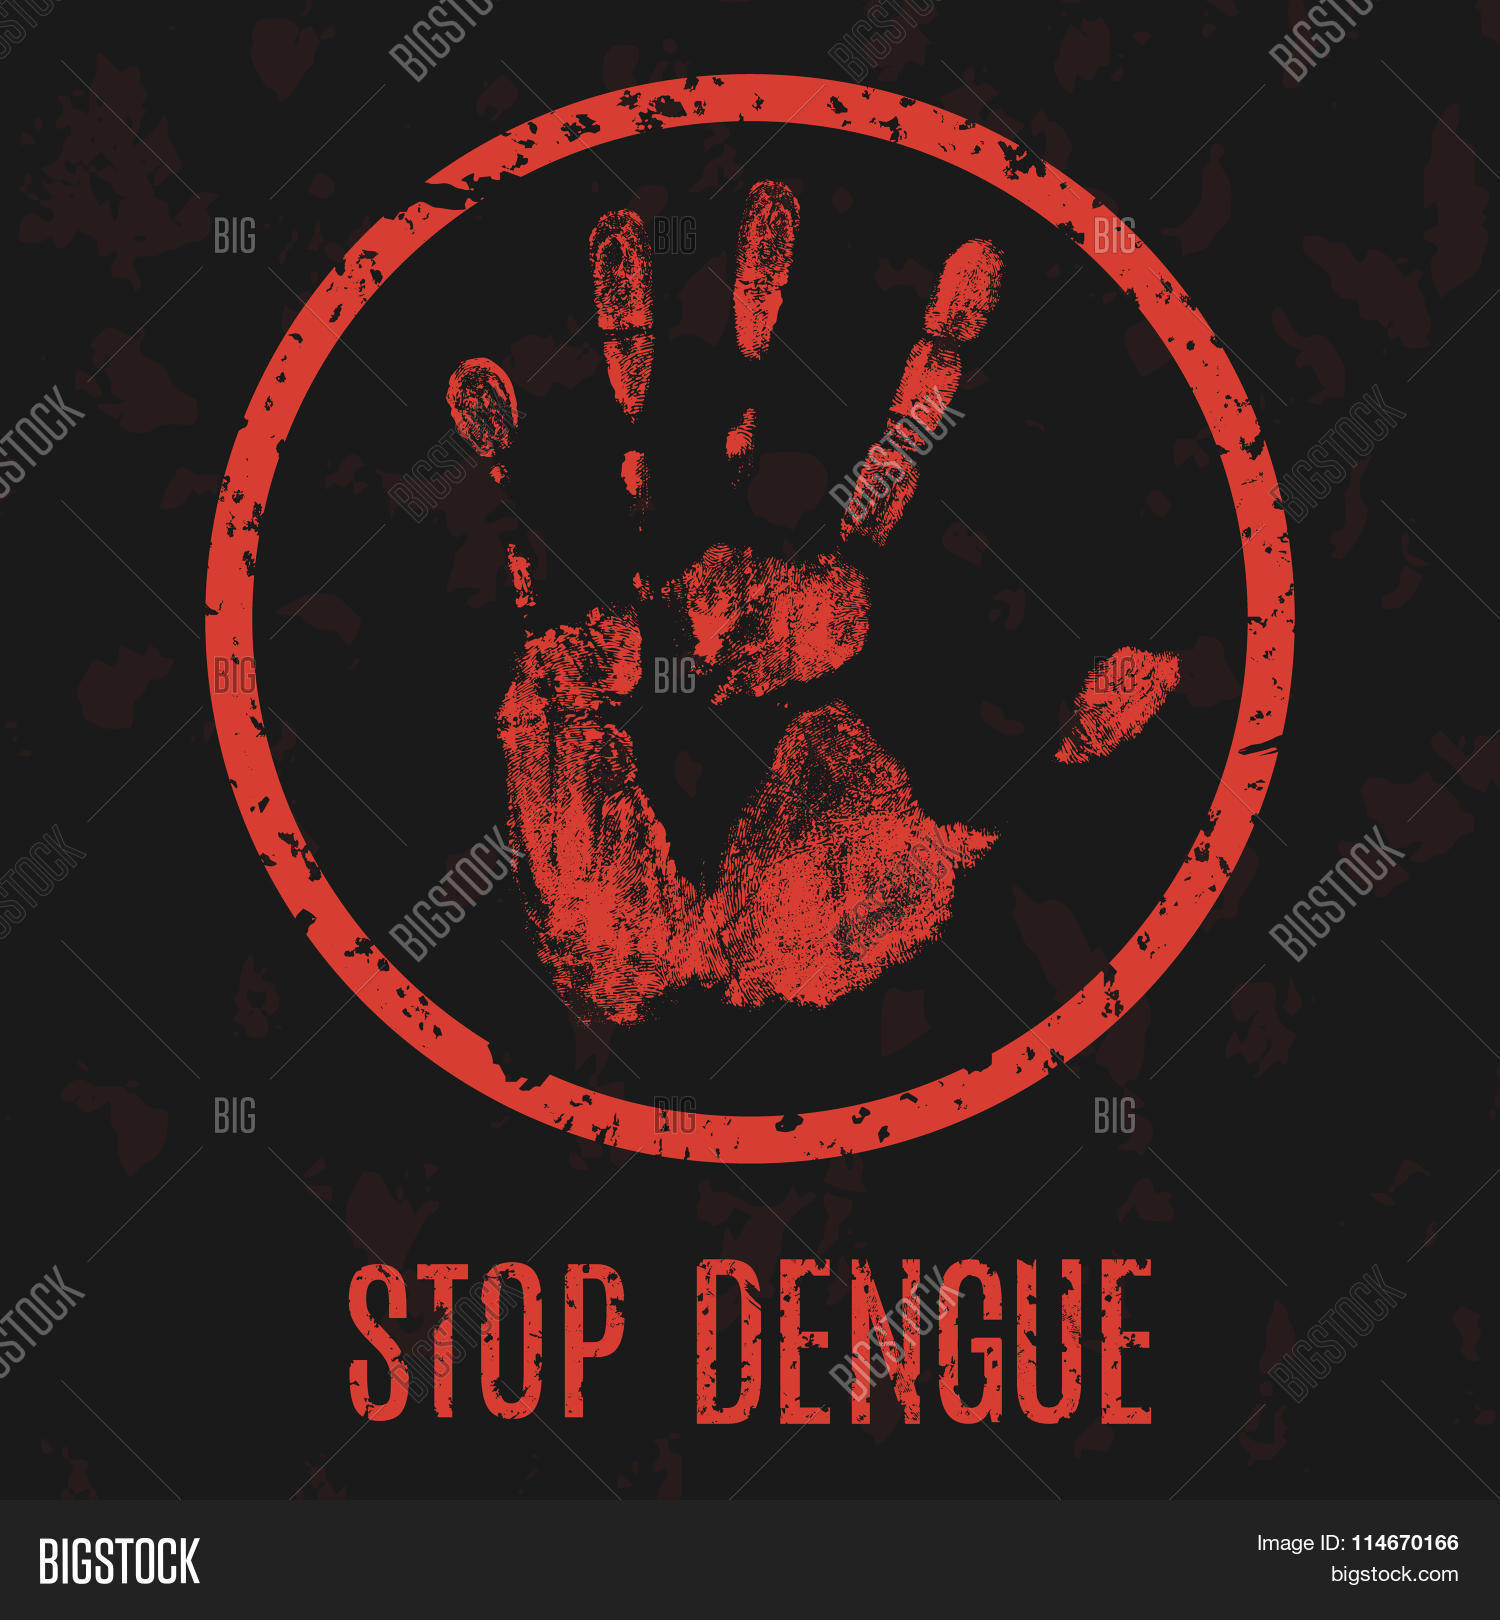 Dengue Fever Infects La Fte De >> Stop Dengue Fever Vector Photo Free Trial Bigstock